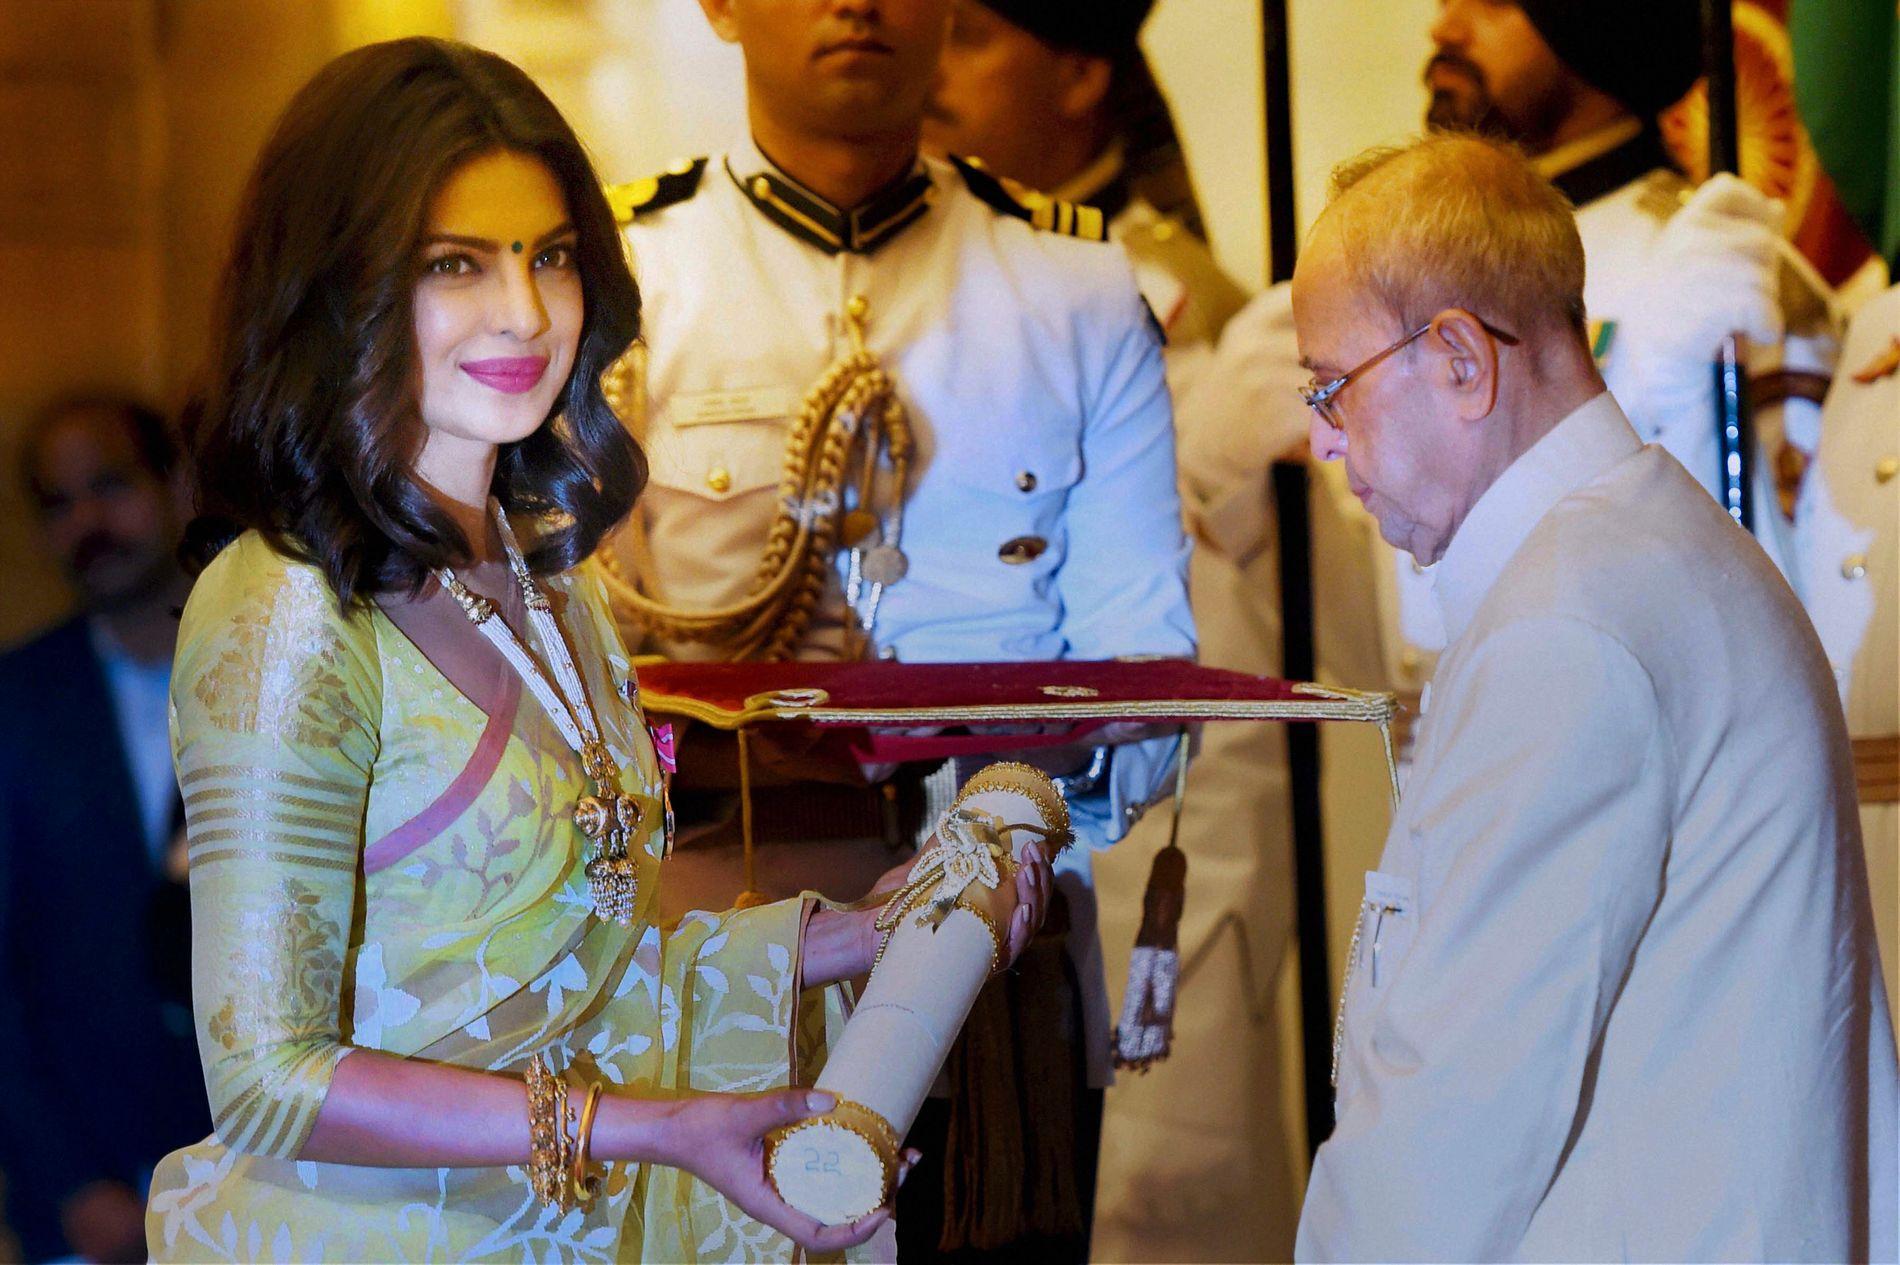 PRISVINNER: Skuespilleren mottar en Padma Shri-pris, den fjerde høyeste æren en sivil person kan motta i India, fra den indiske presidenten Pranab Mukherjee i New Dehli i april.